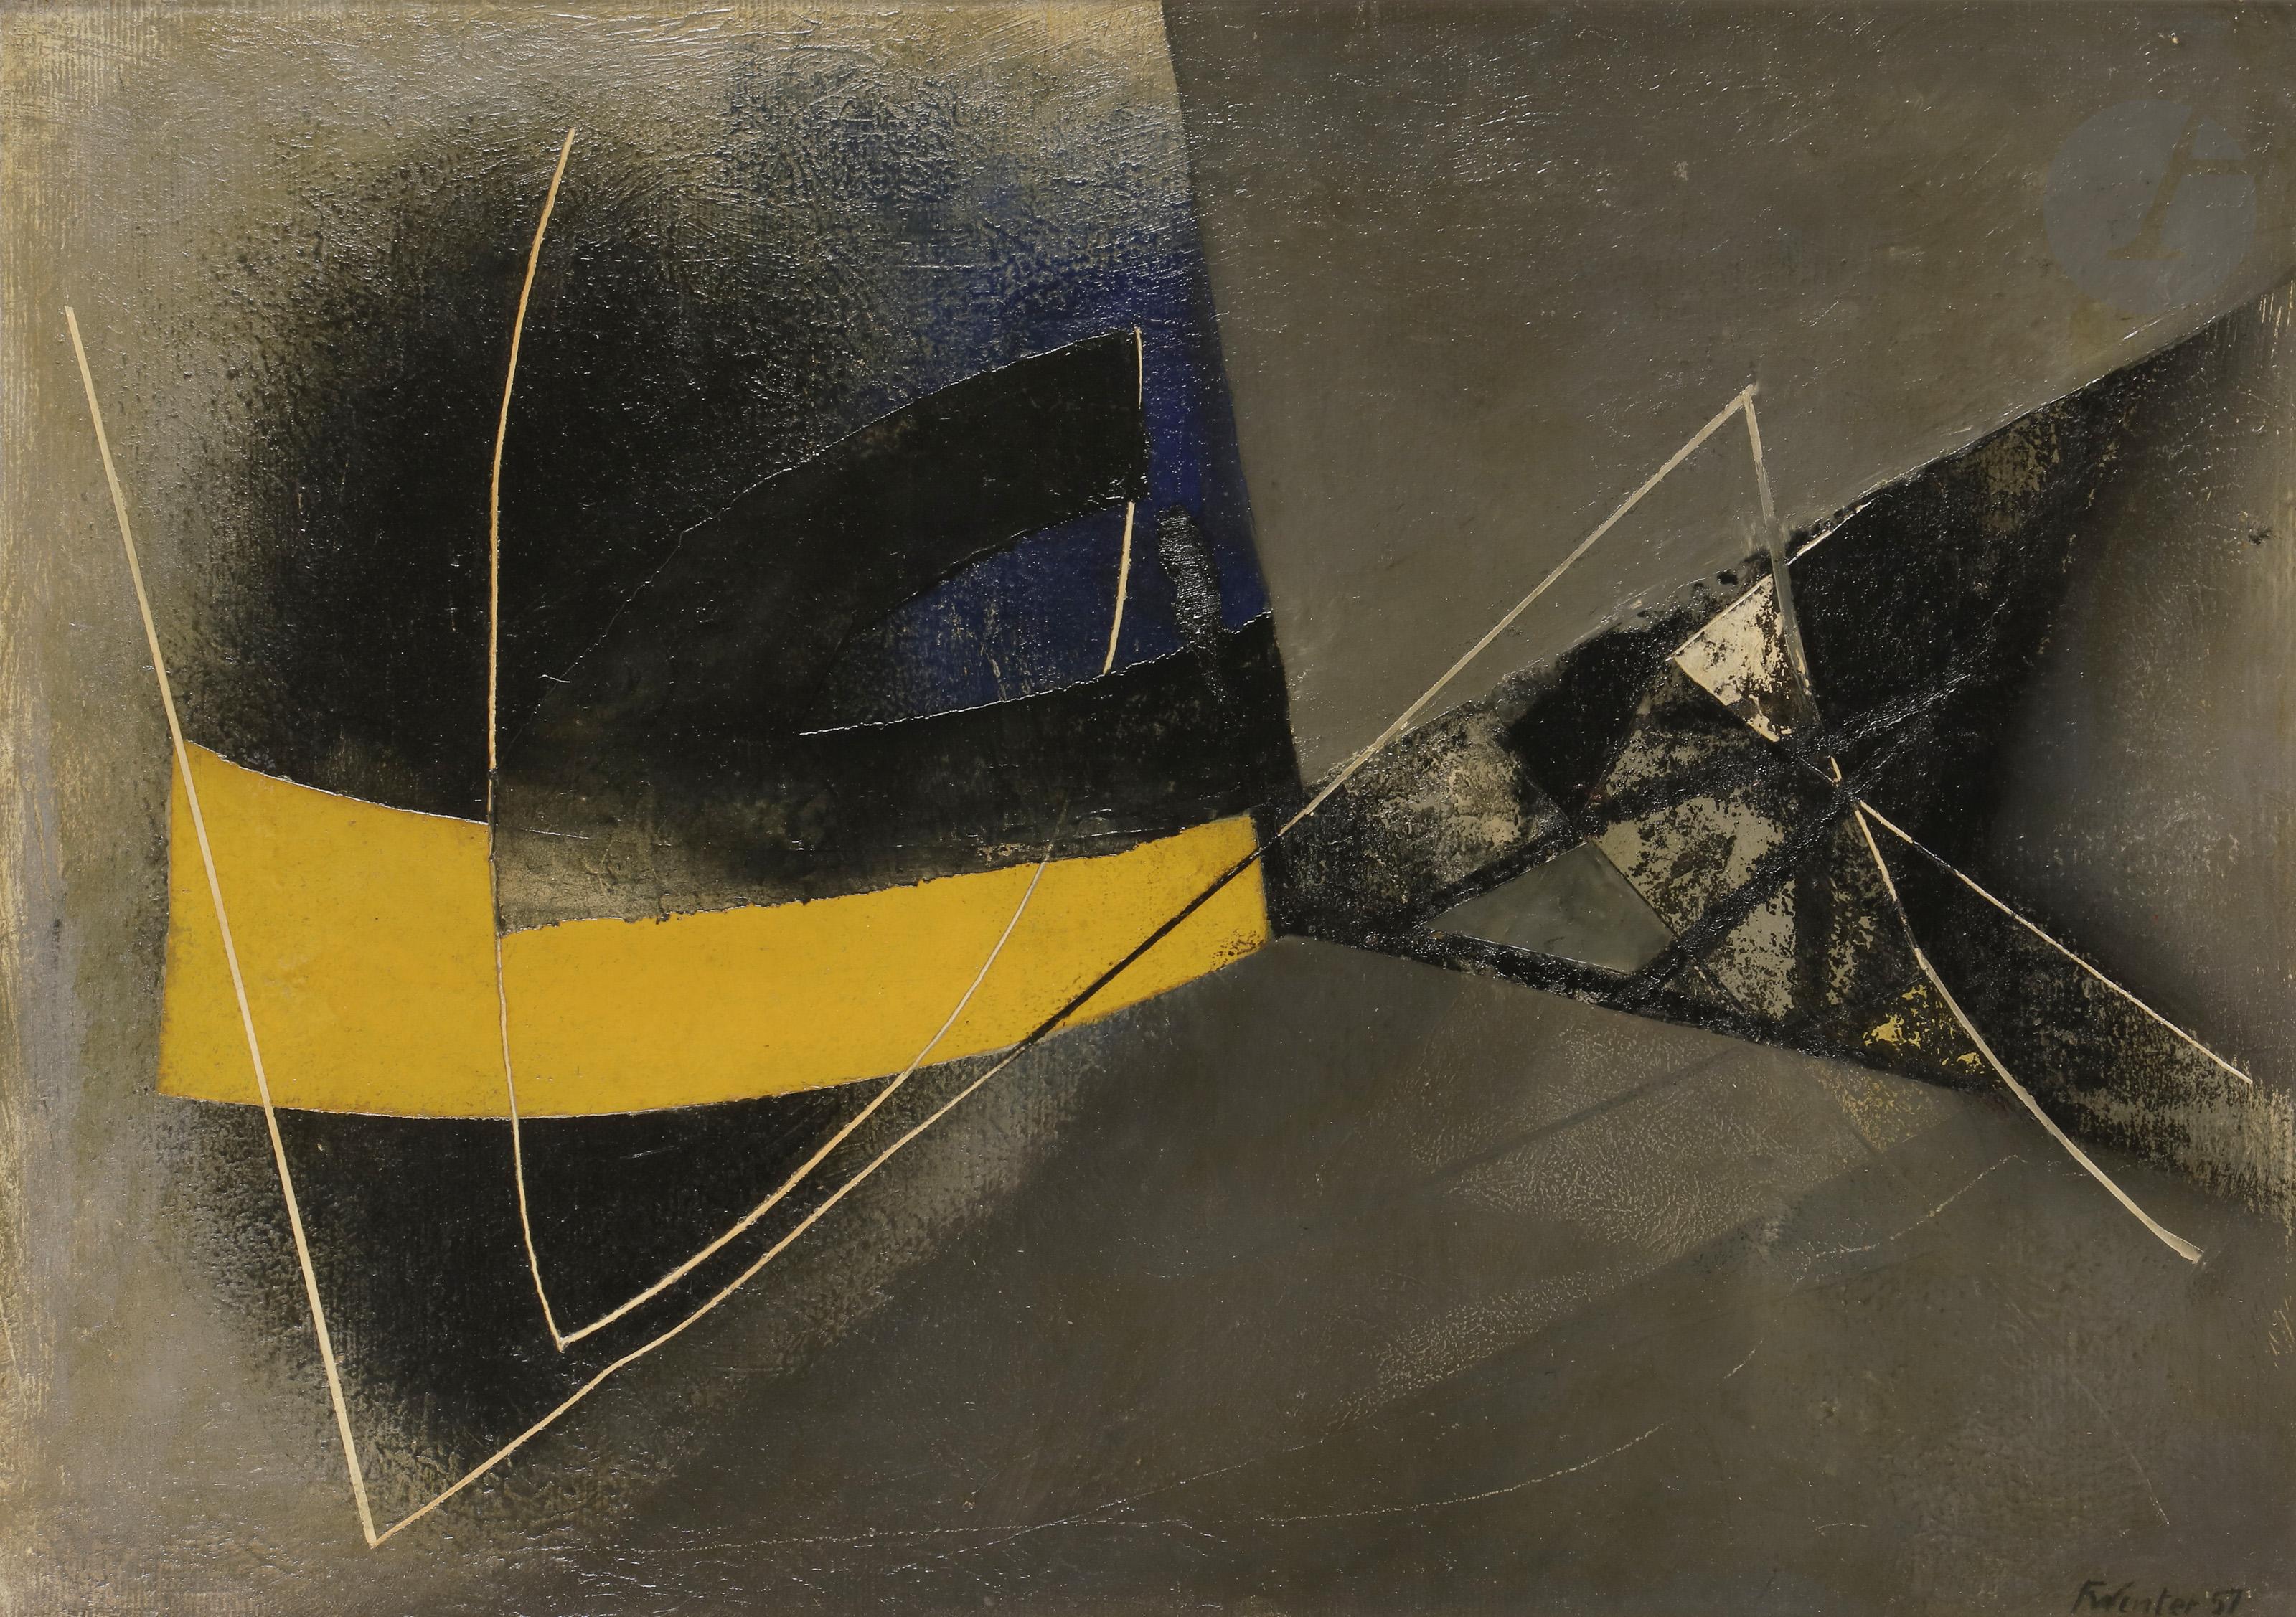 Lot 50 - Fritz WINTER [allemand] (1905-1976]Composition, 1957Huile sur papier monté sur isorel.Signée et